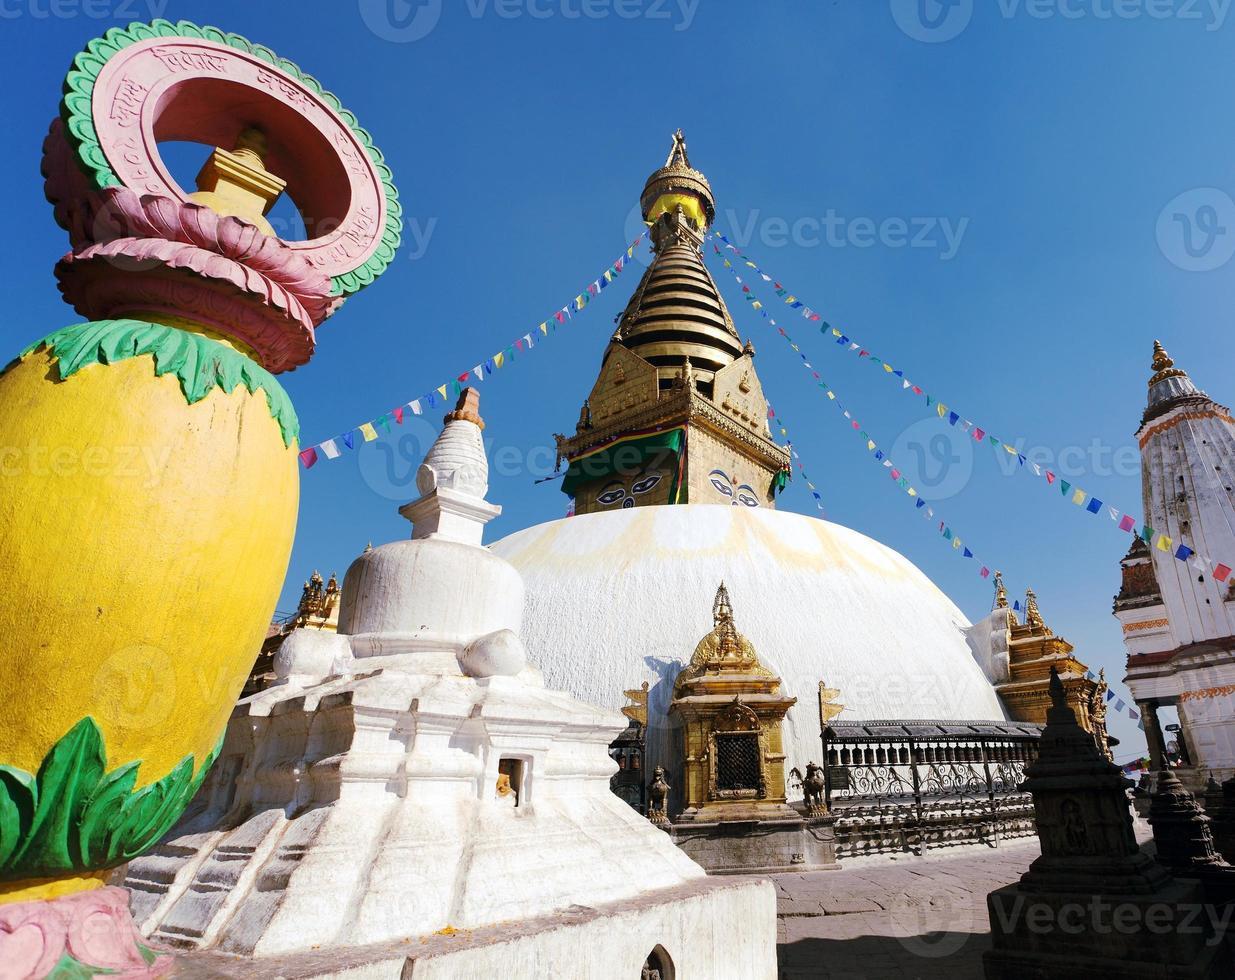 swayambhunath stupa - Kathmandu - Nepal photo